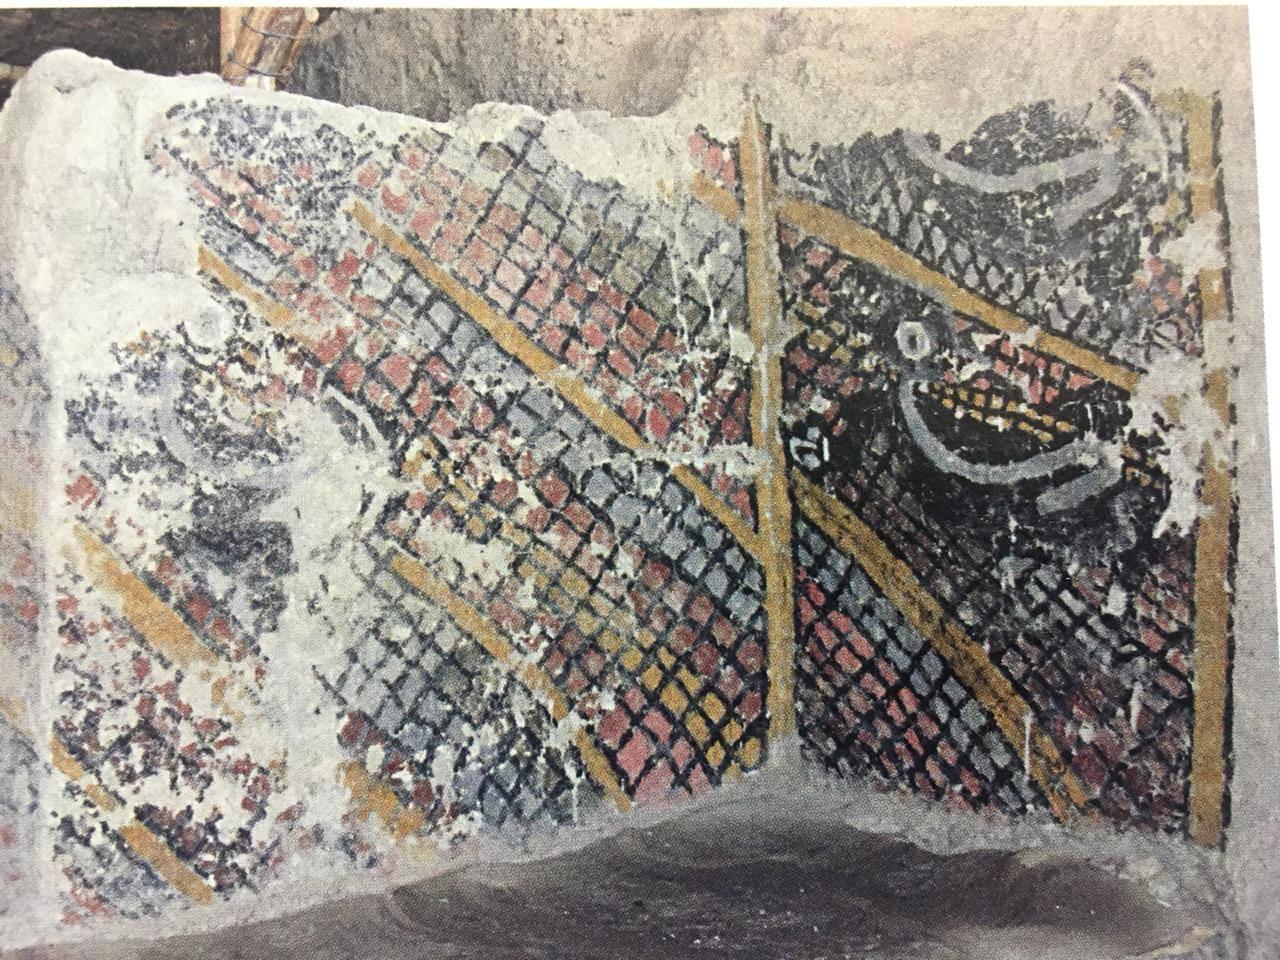 Mural encontrado en el Sitio Arqueológico Ventarrón que muestra una red y animales atrapados en ella. Foto: Ignacio Alva.